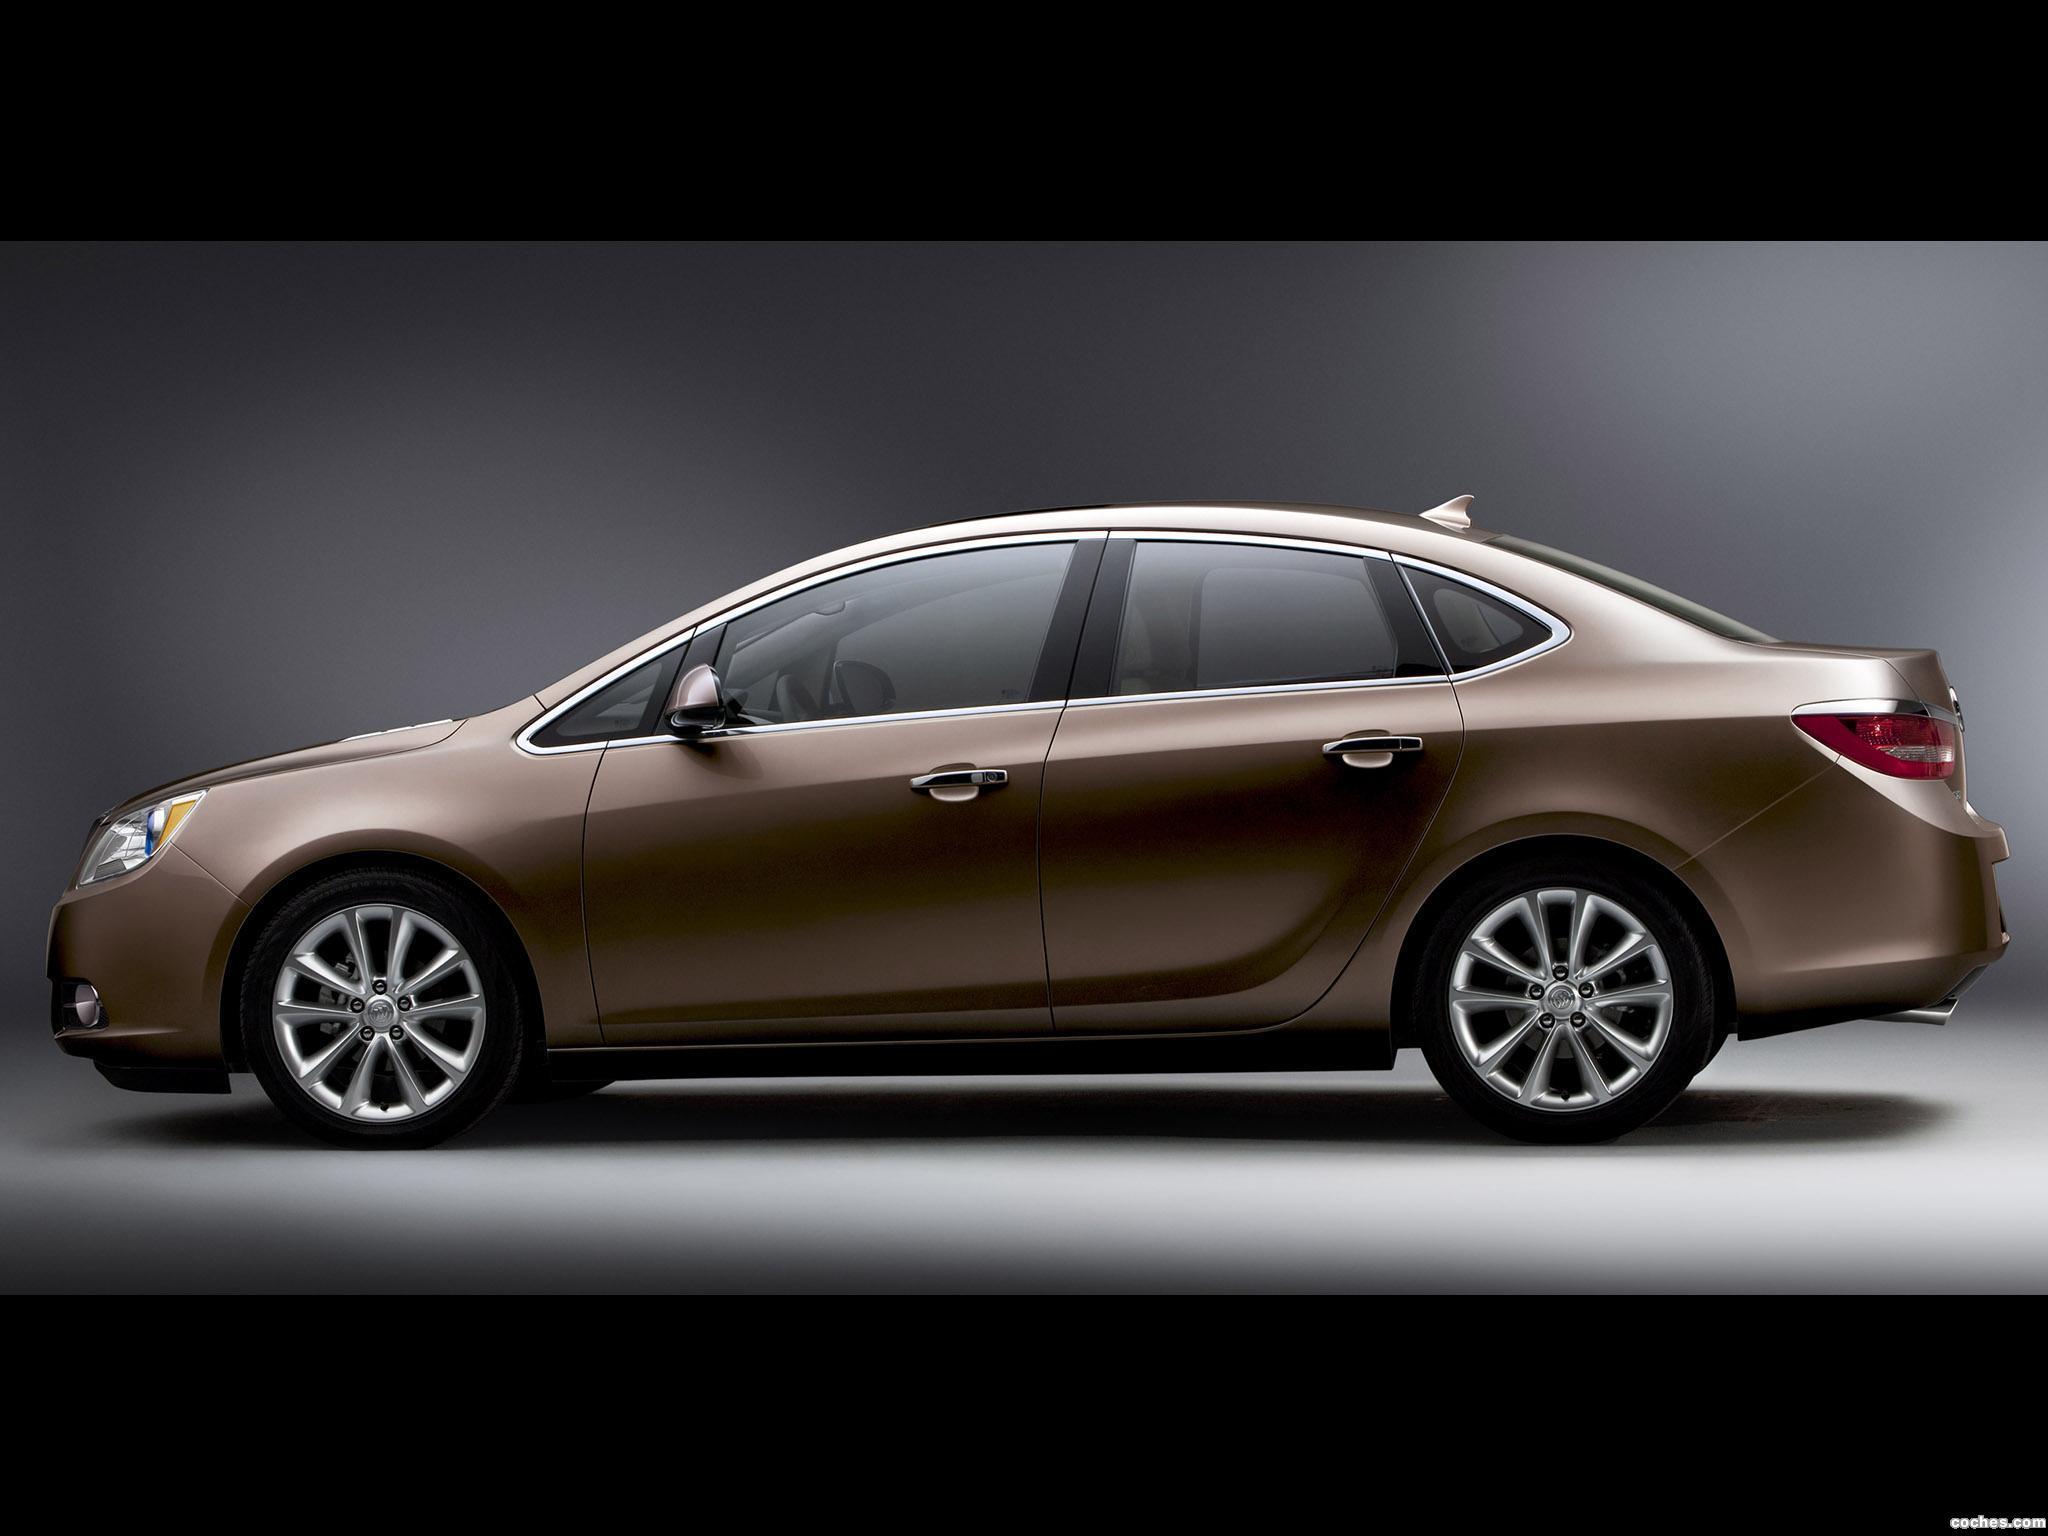 Foto 6 de Buick Verano 2011